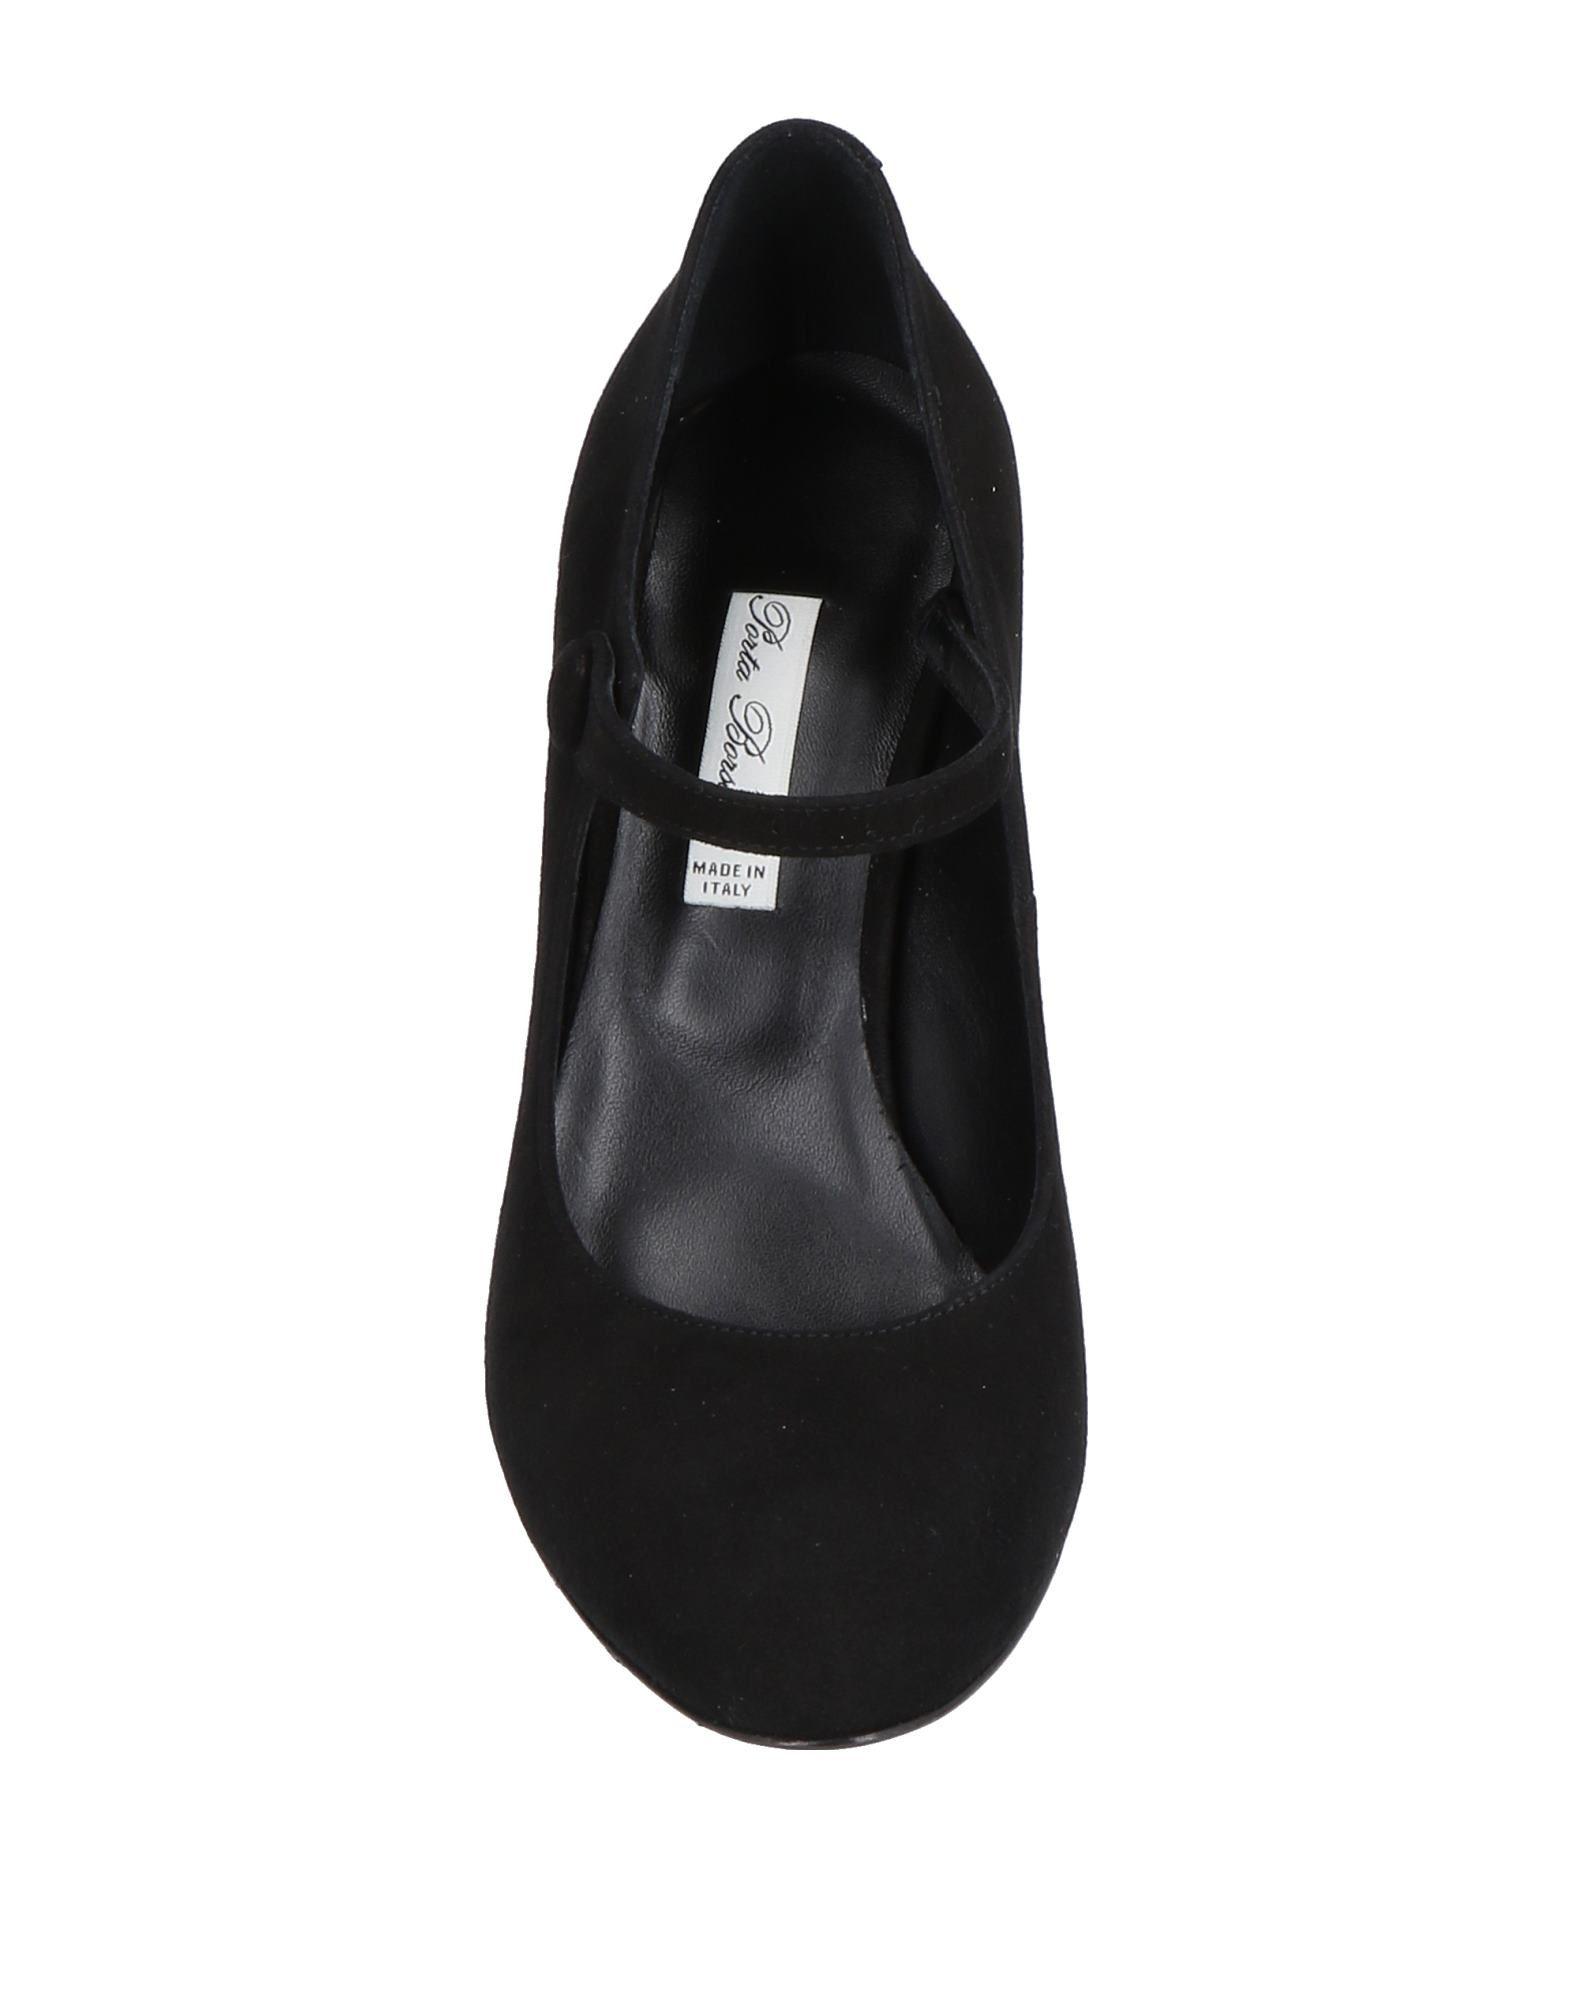 Porta Borsari Pumps Damen Damen Pumps  11492237FF Gute Qualität beliebte Schuhe ee99aa